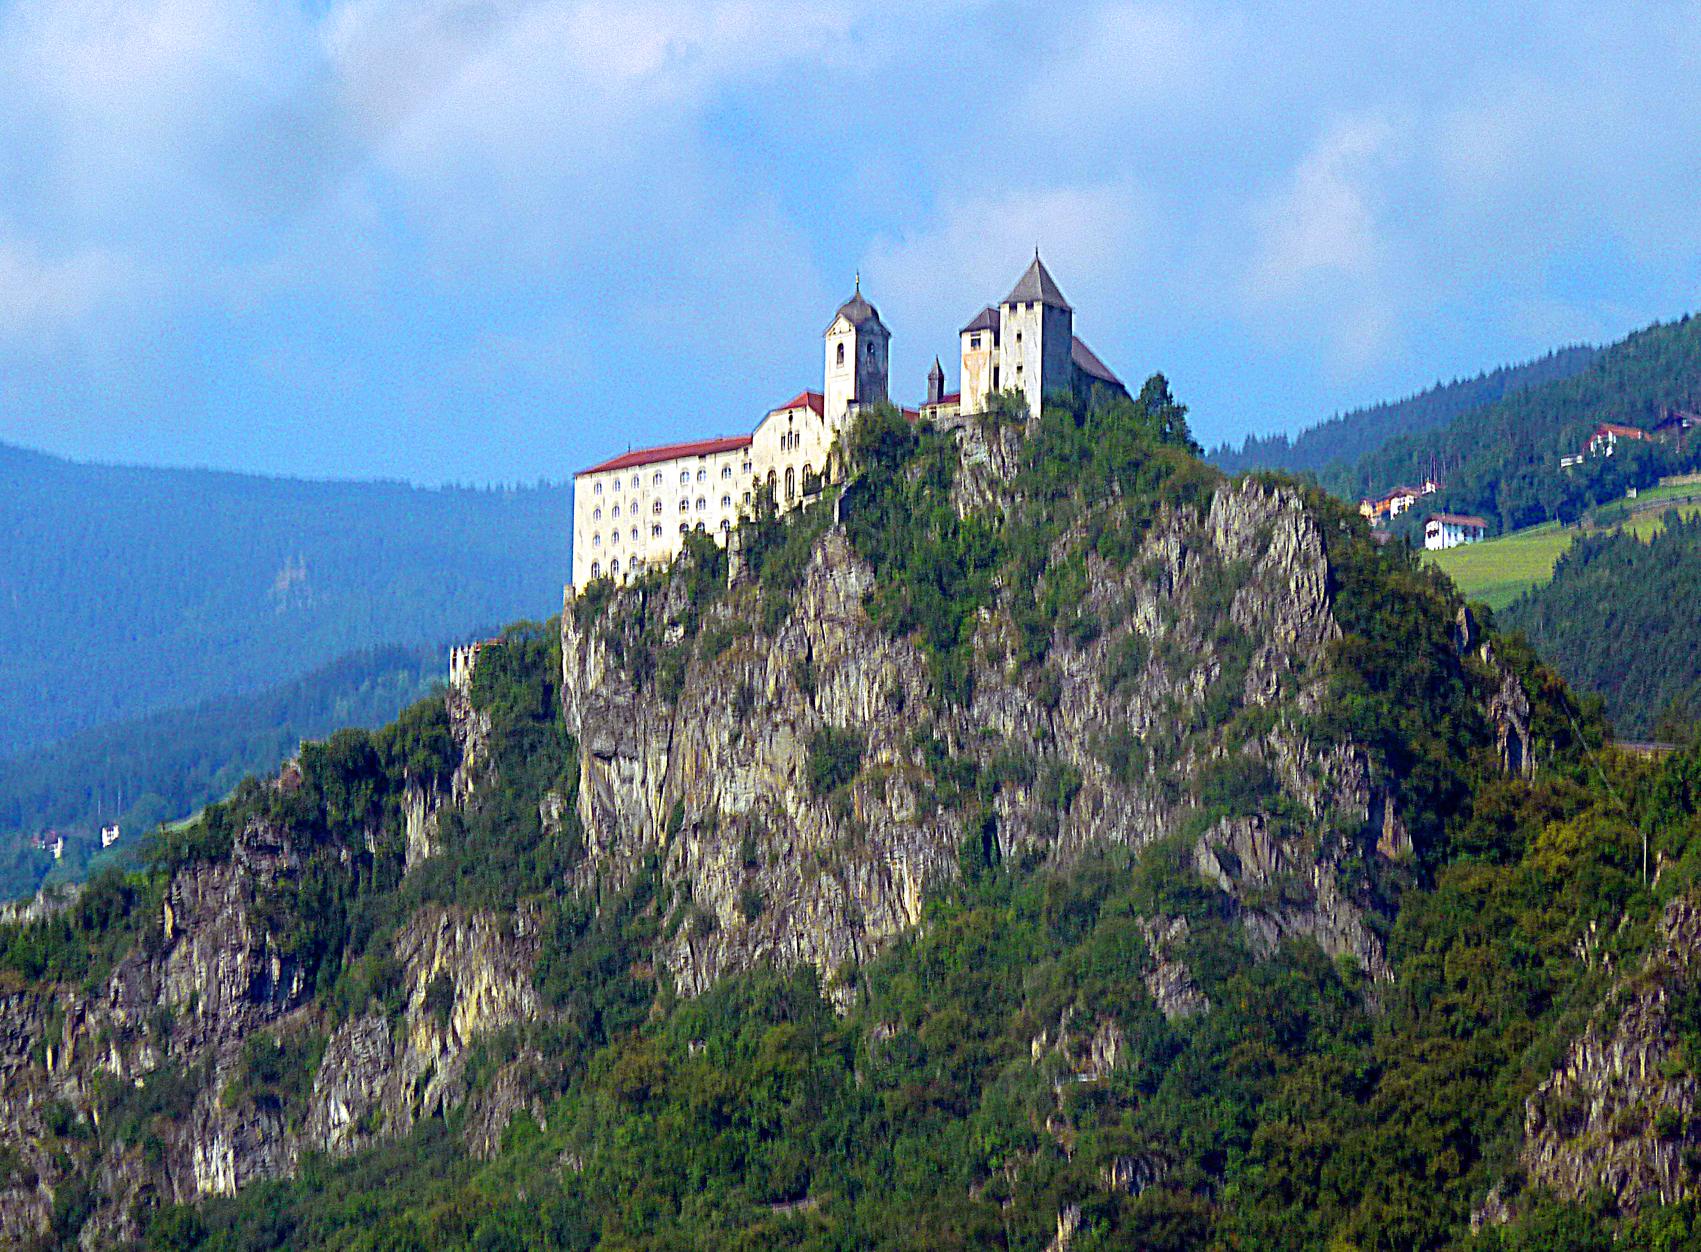 aP1280329 Trentino castello piccola